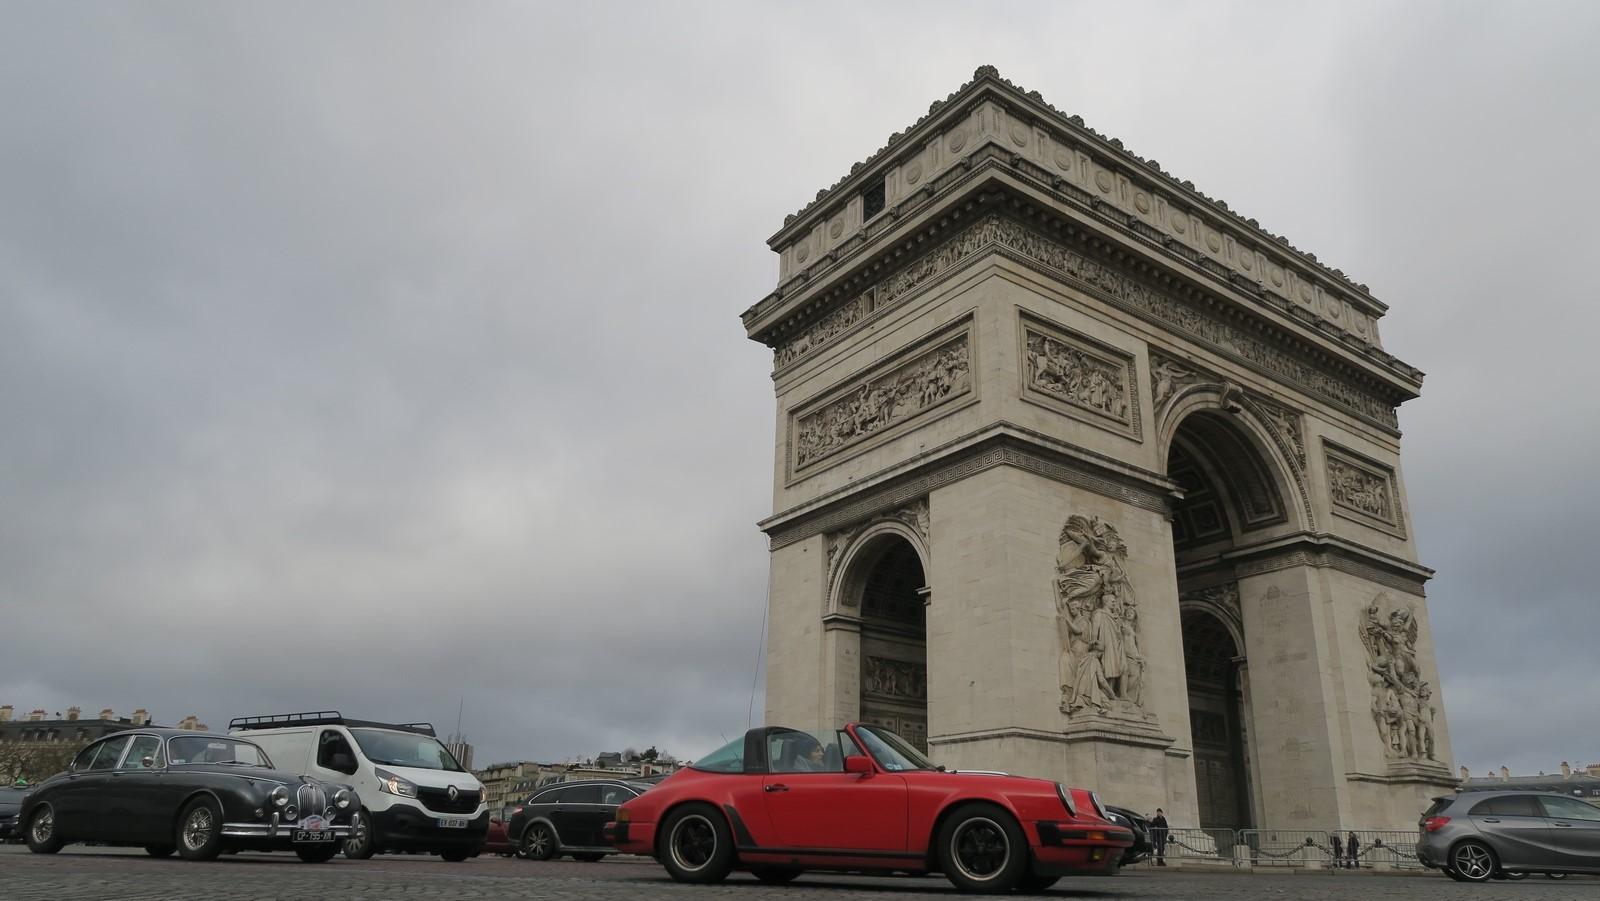 Traversee de Paris hivernale 2019 FM 70